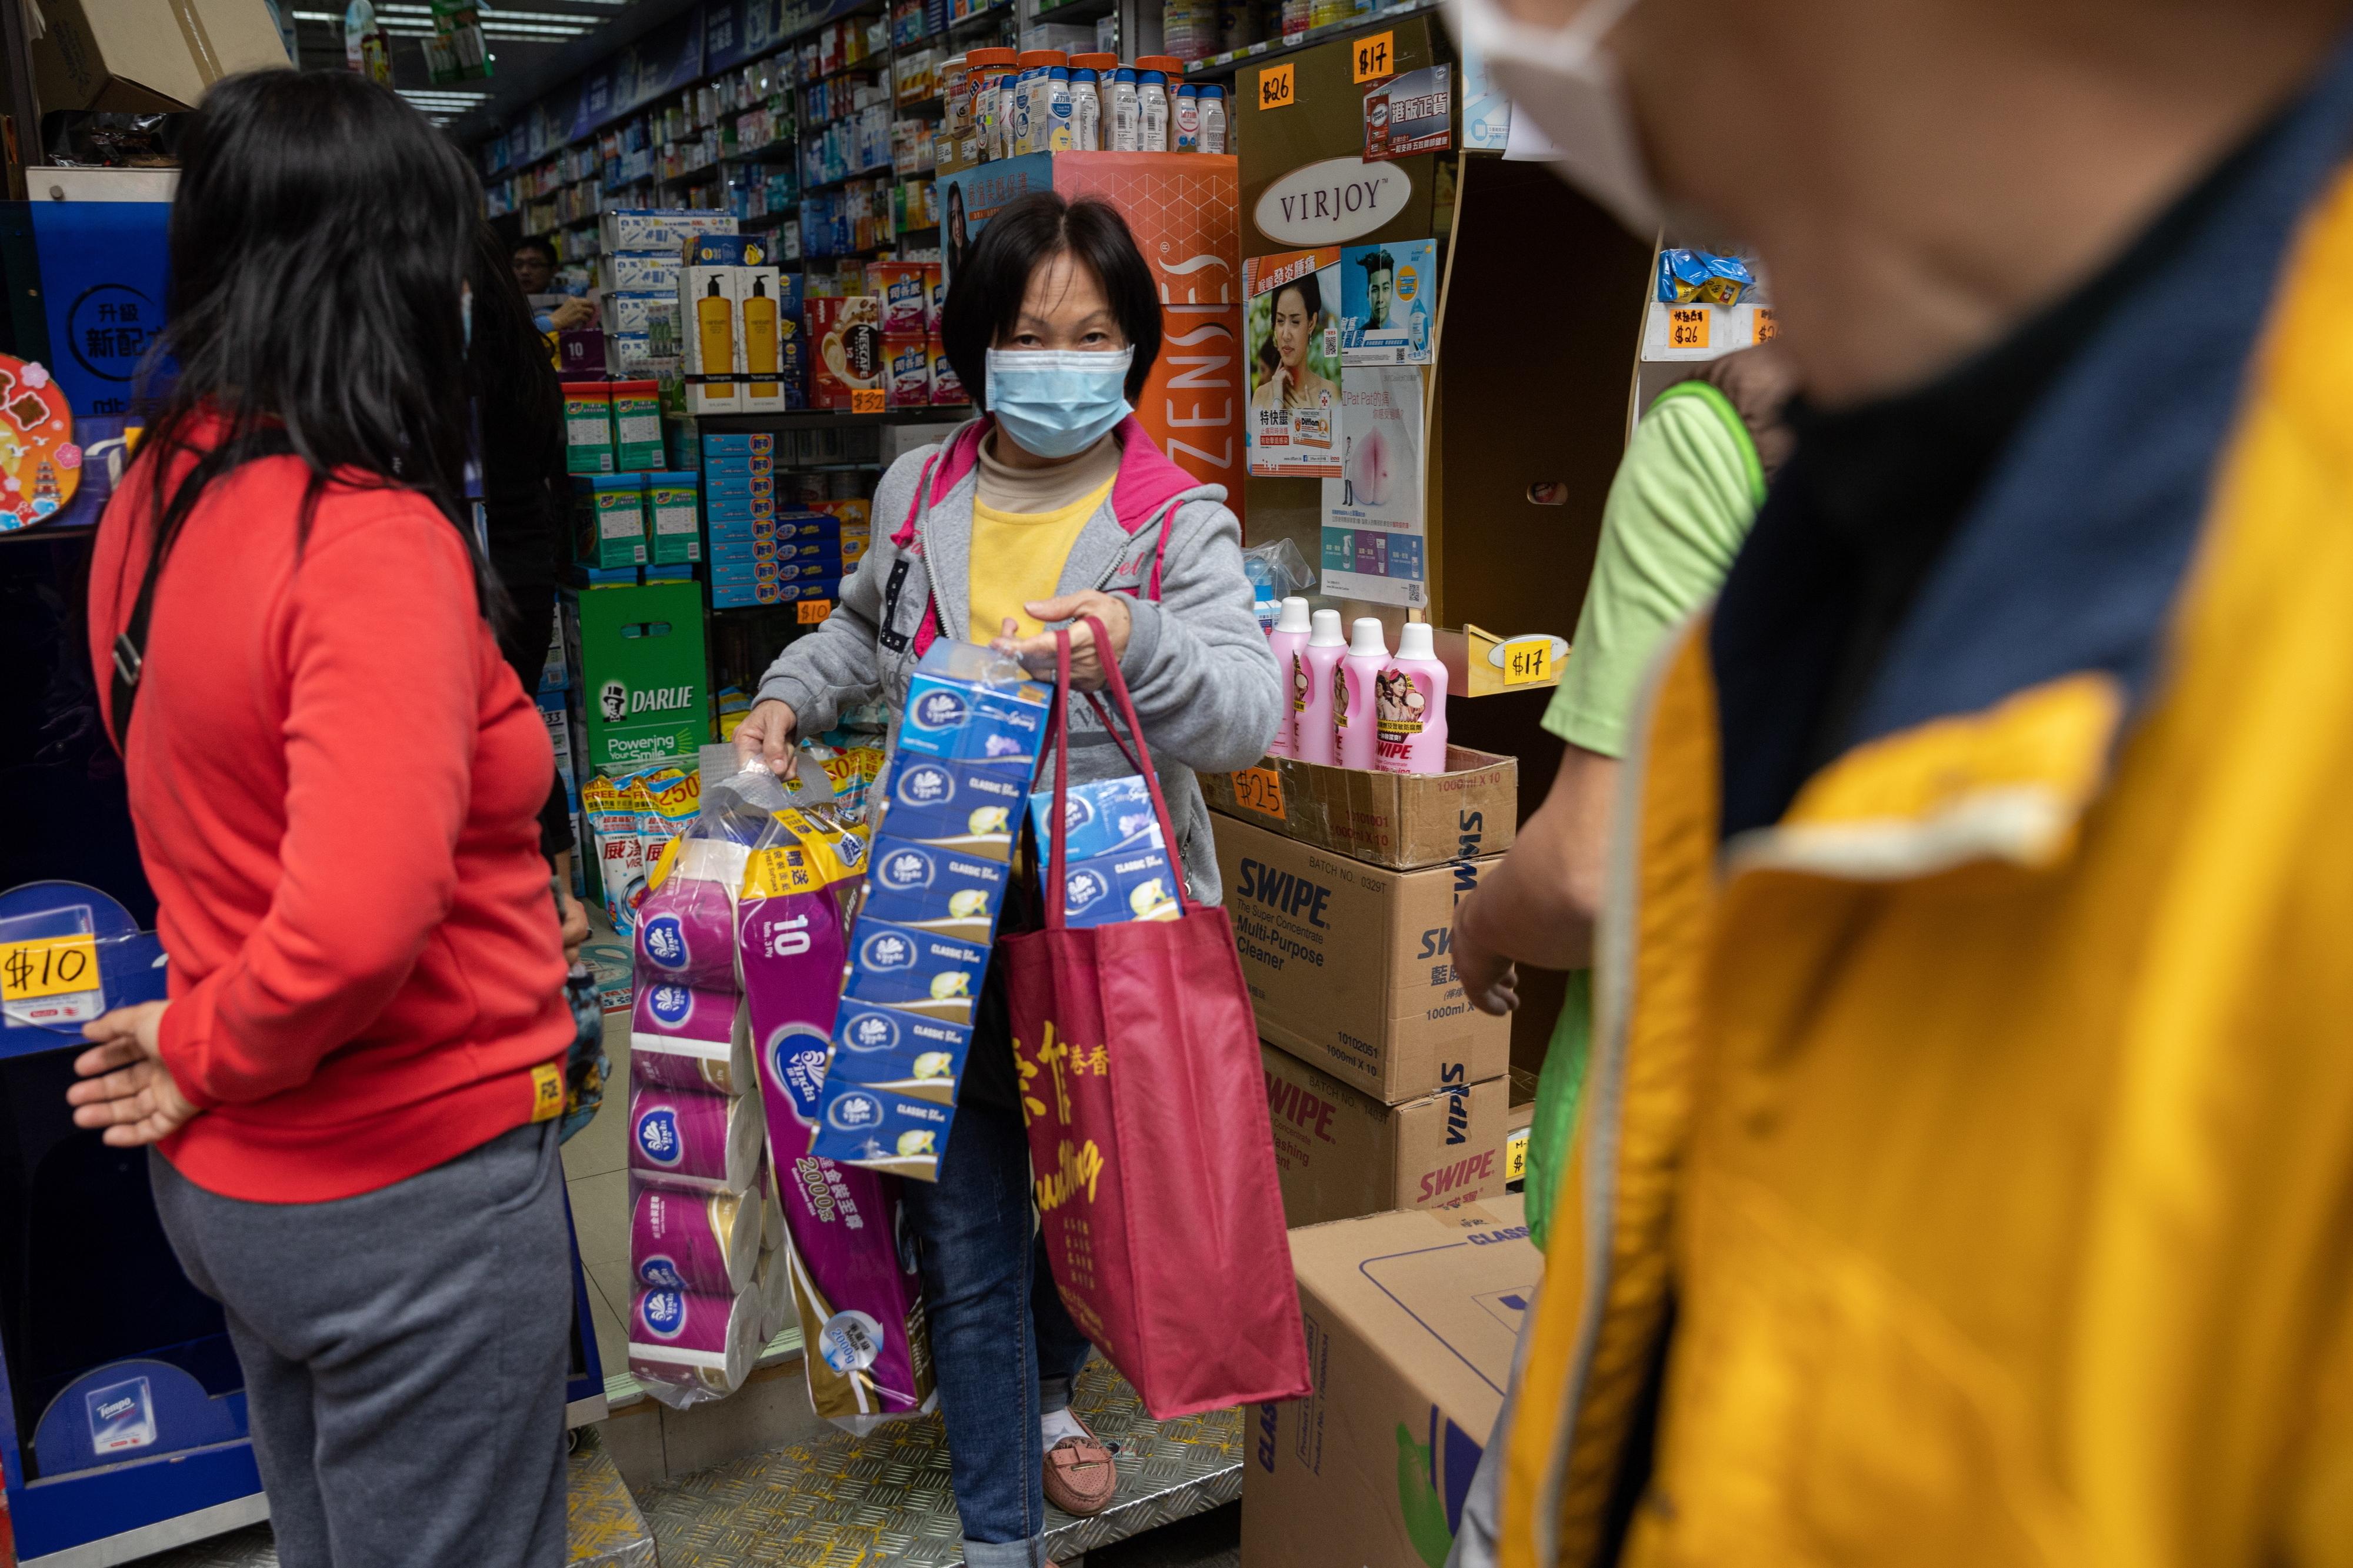 Polícia de Hong Kong procura autores de roubo de papel higiénico